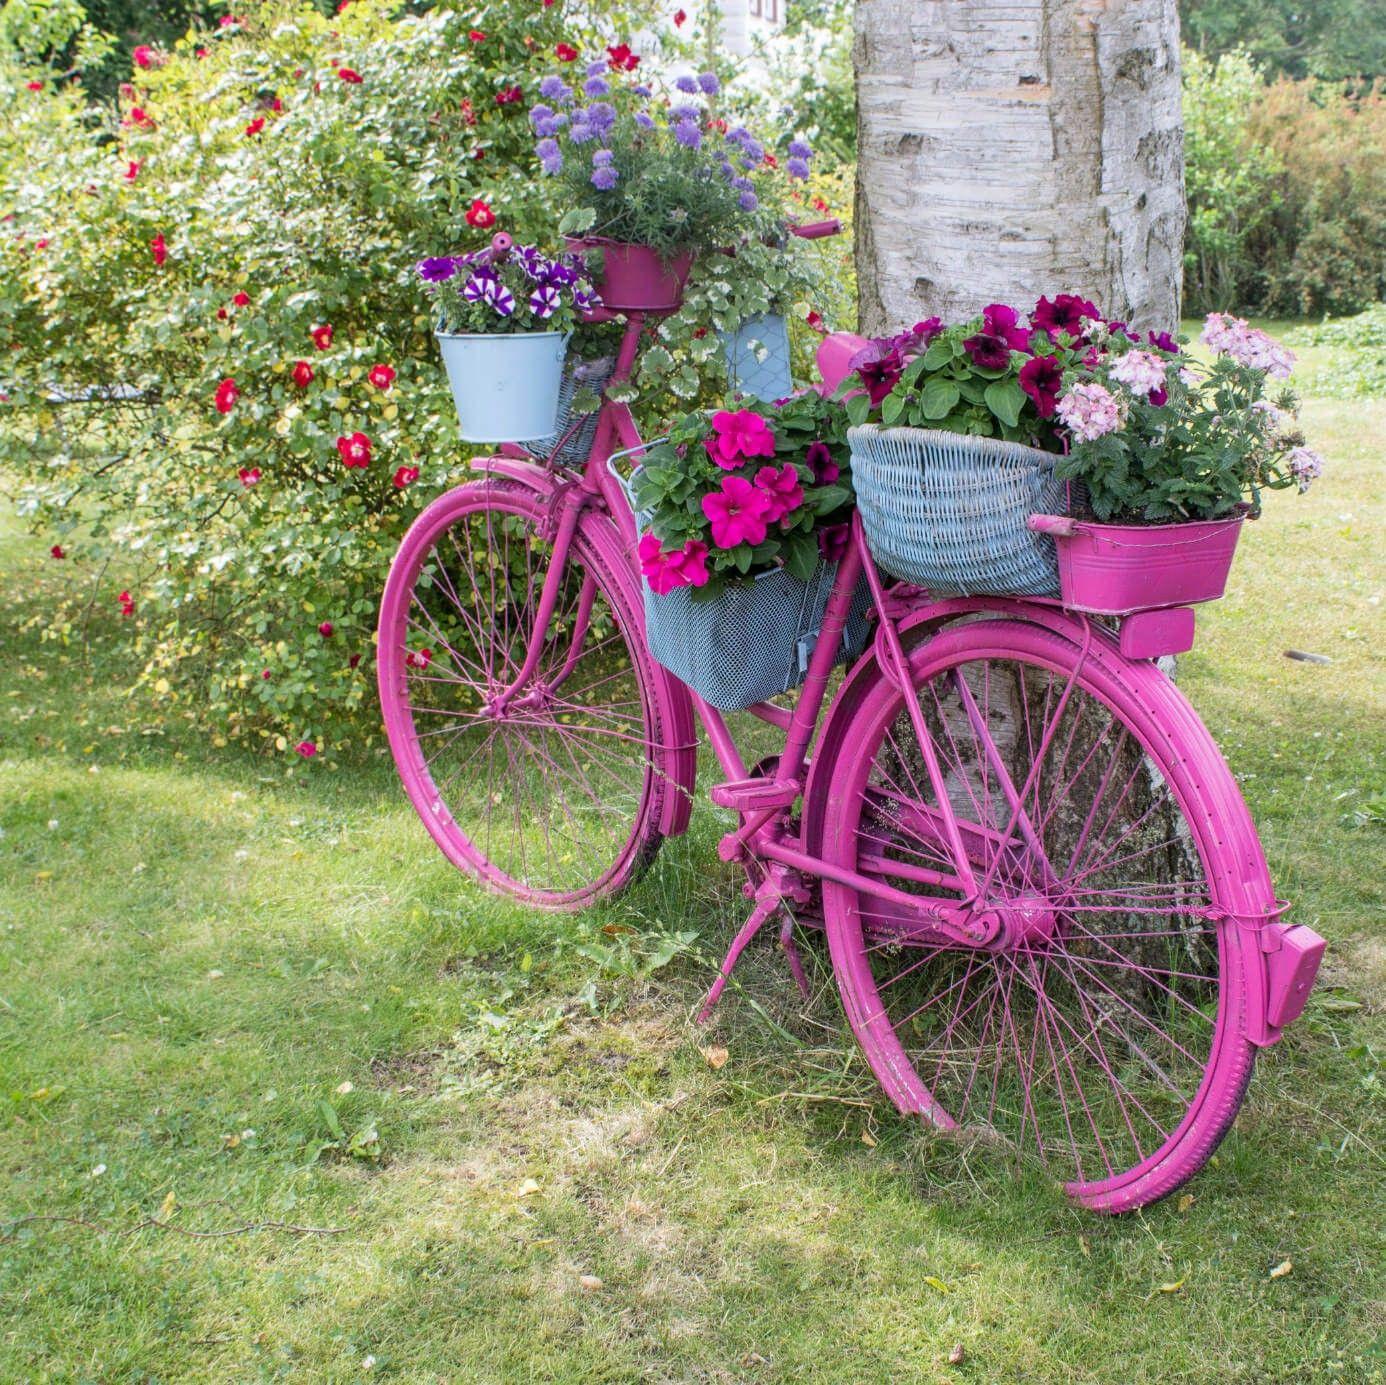 rosa fahrrad ausgestattet mit vielen blumen inhaber 33 fahrrad blume pflanzgef e f r den. Black Bedroom Furniture Sets. Home Design Ideas